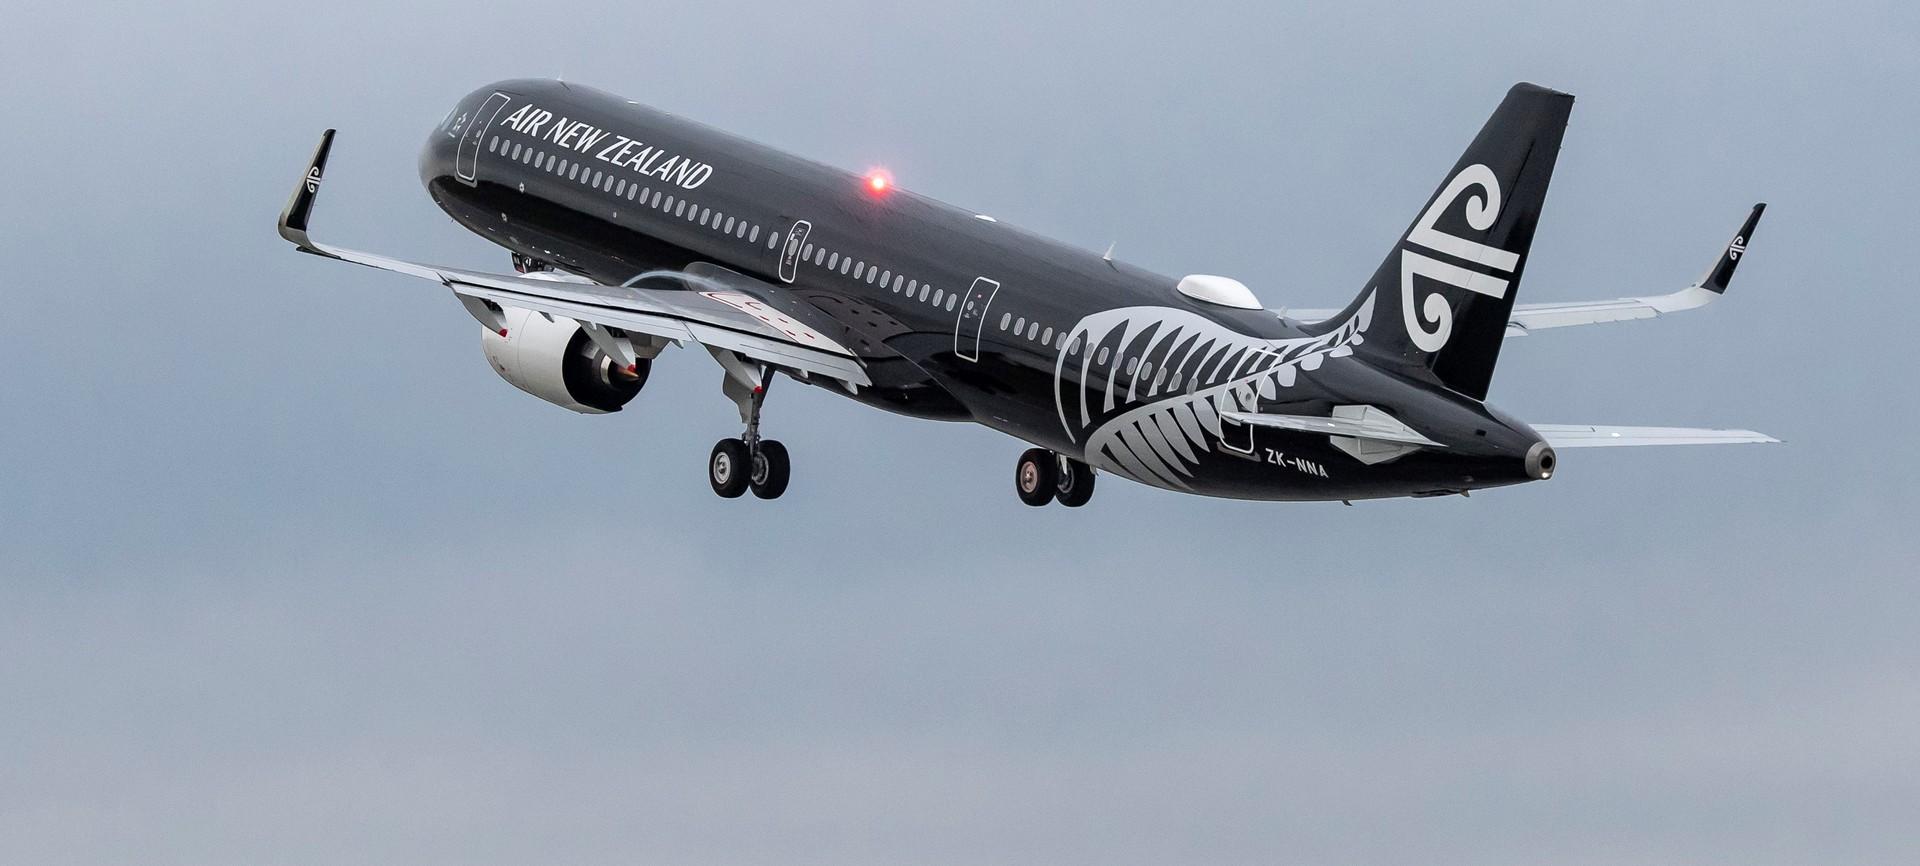 Brand new Air New Zealand Airbus A321neo turns around near Iran border and returns to Hamburg